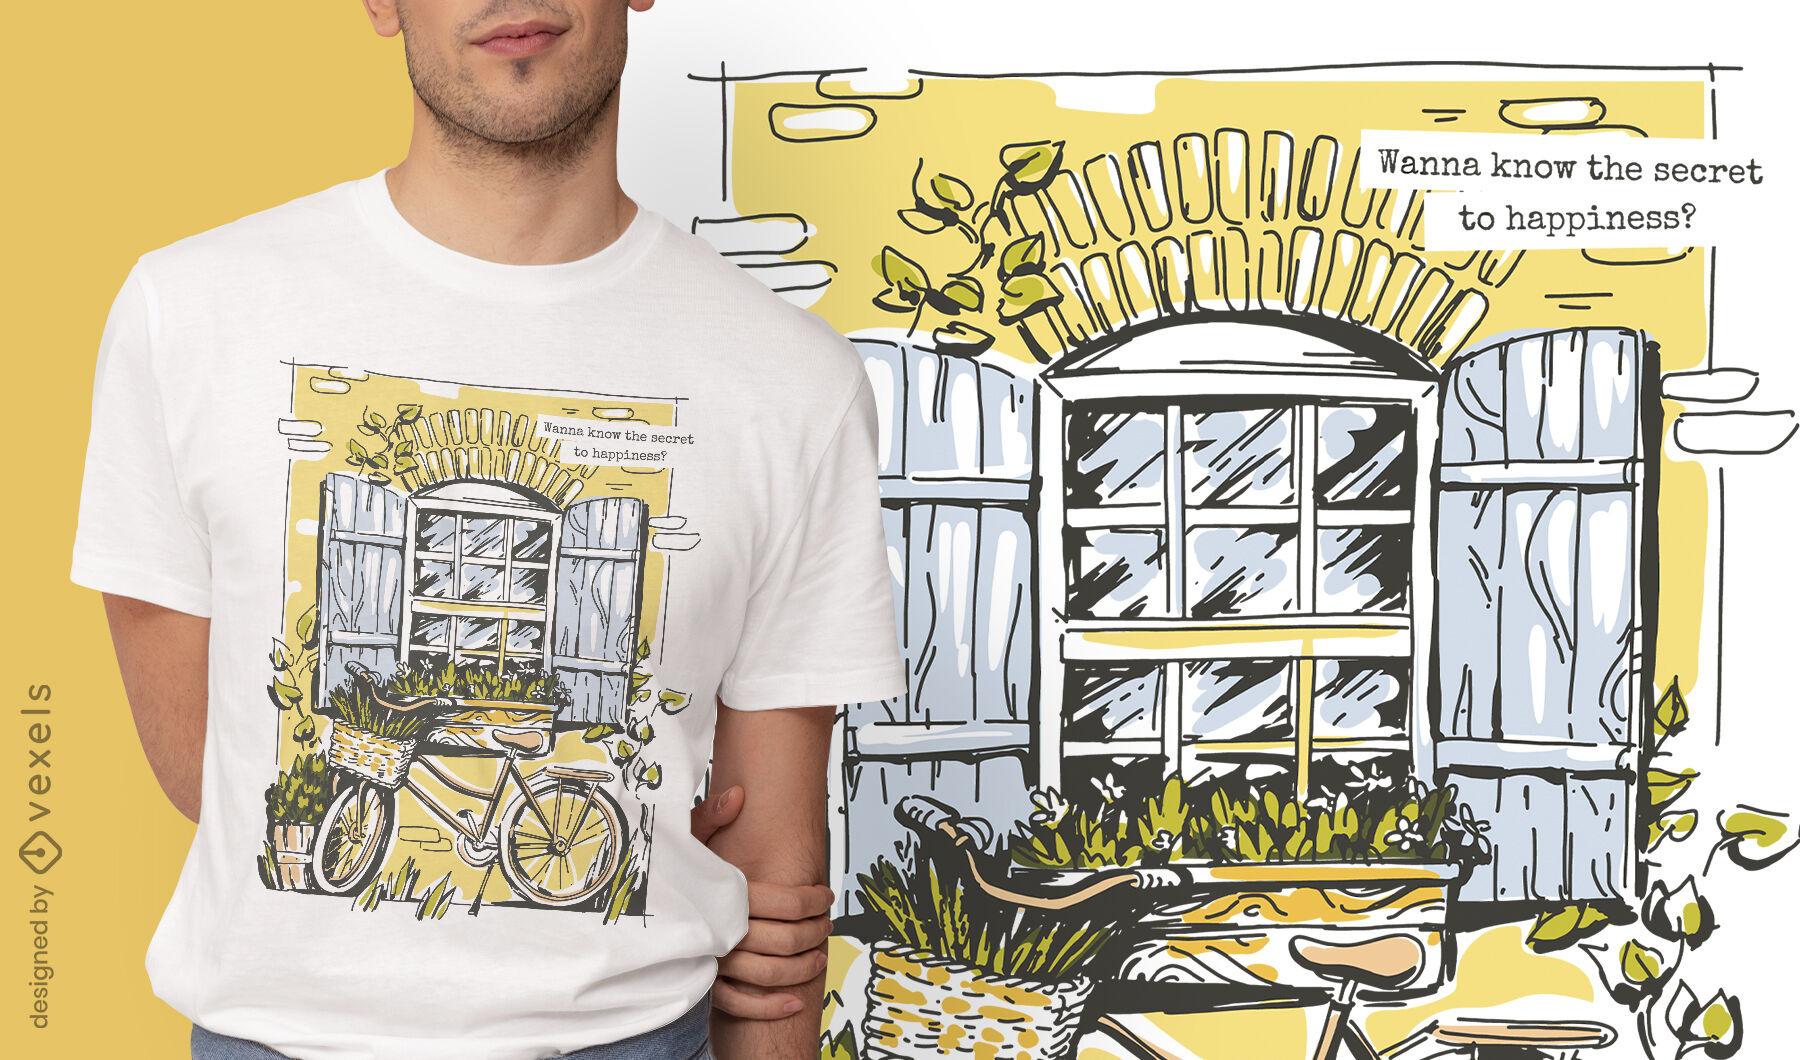 Cottagecore lifestyle home t-shirt design